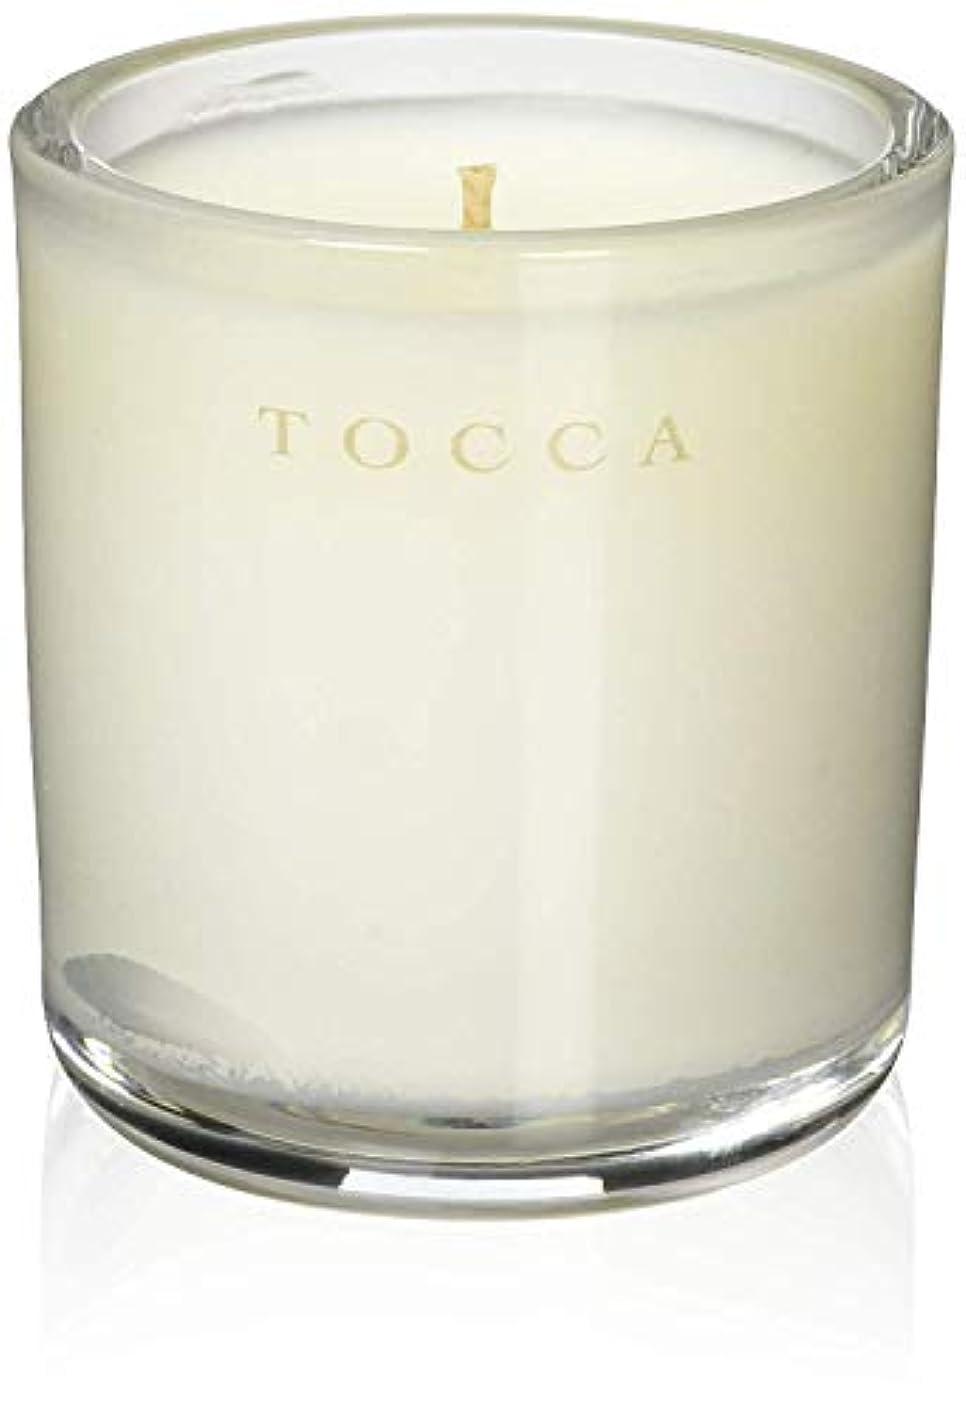 外交官捕虜記念品TOCCA(トッカ) ボヤージュ キャンデリーナ モントーク 85g (ろうそく 芳香 キューカンバーの爽やかな香り)